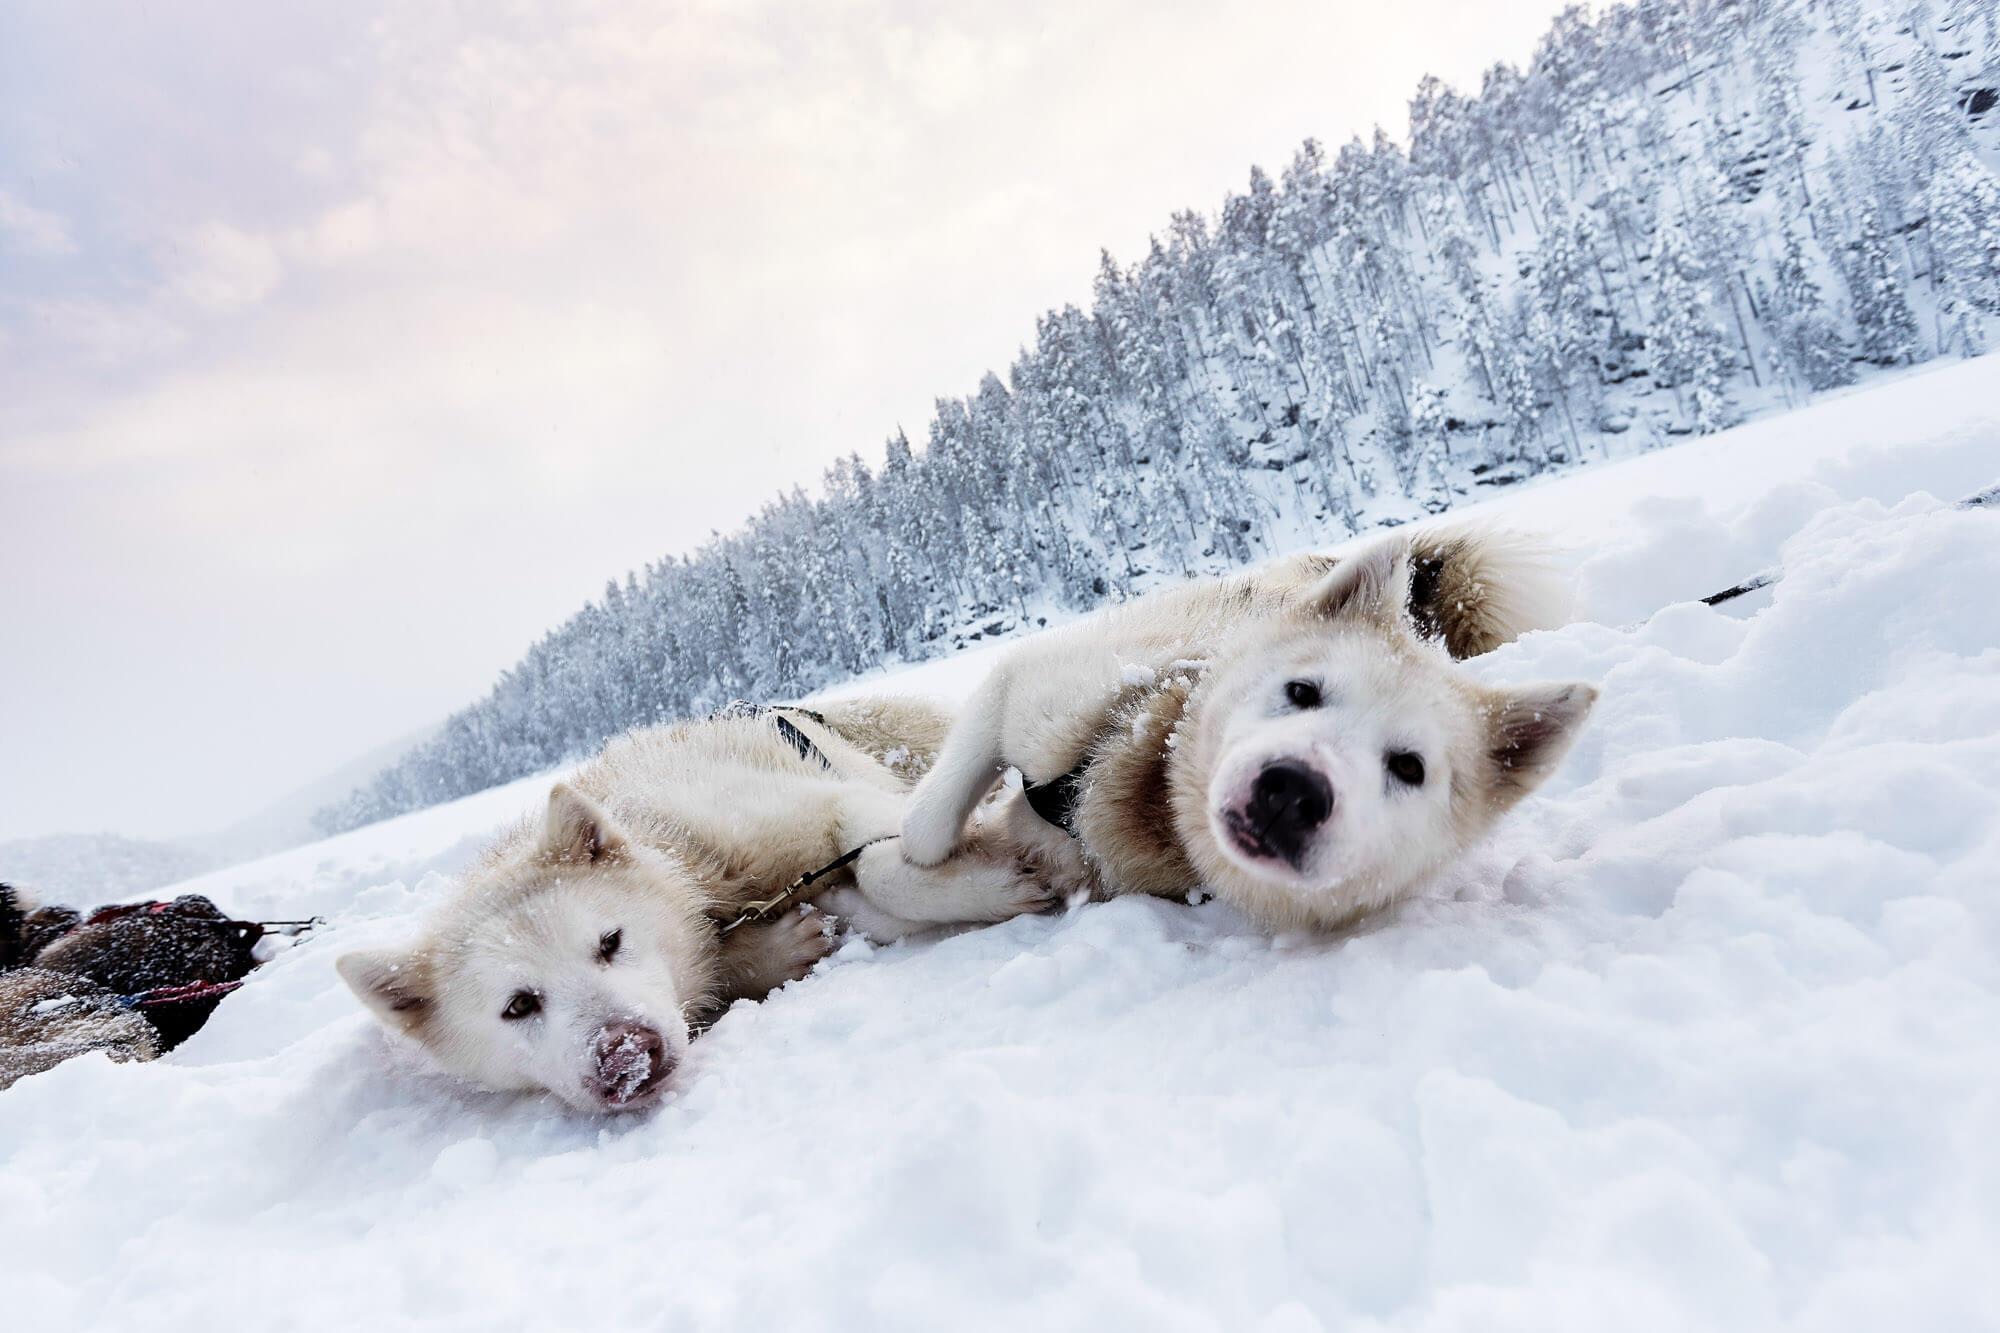 les chiens pendant la pose au bord d'un lac en Laponie